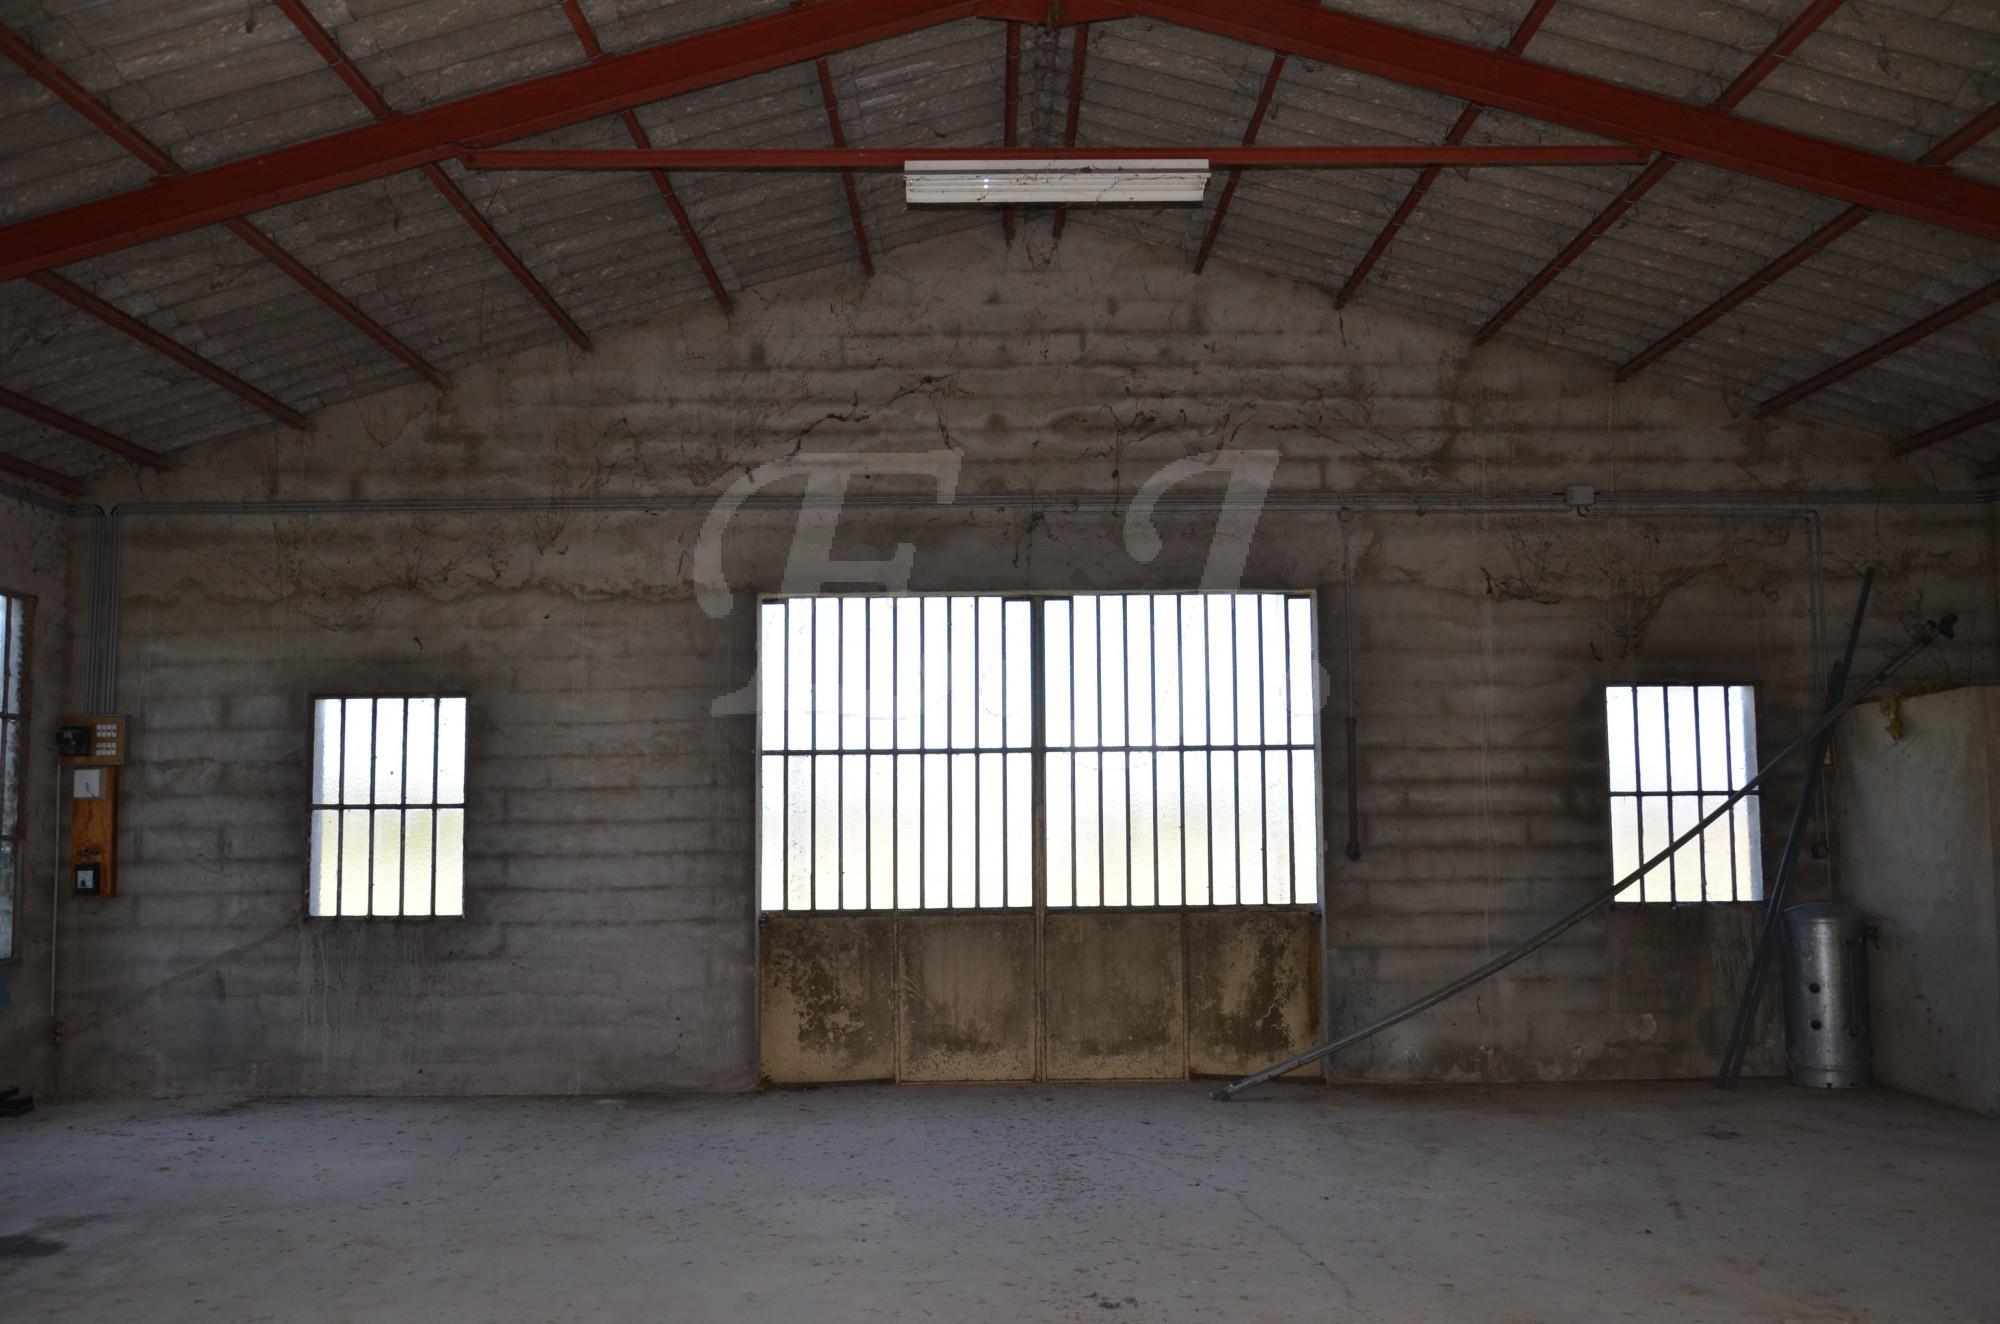 Ventes maison t4 f4 robion jardin clos avec vue sur le luberon hangar maison - Hangar d occasion a acheter ...